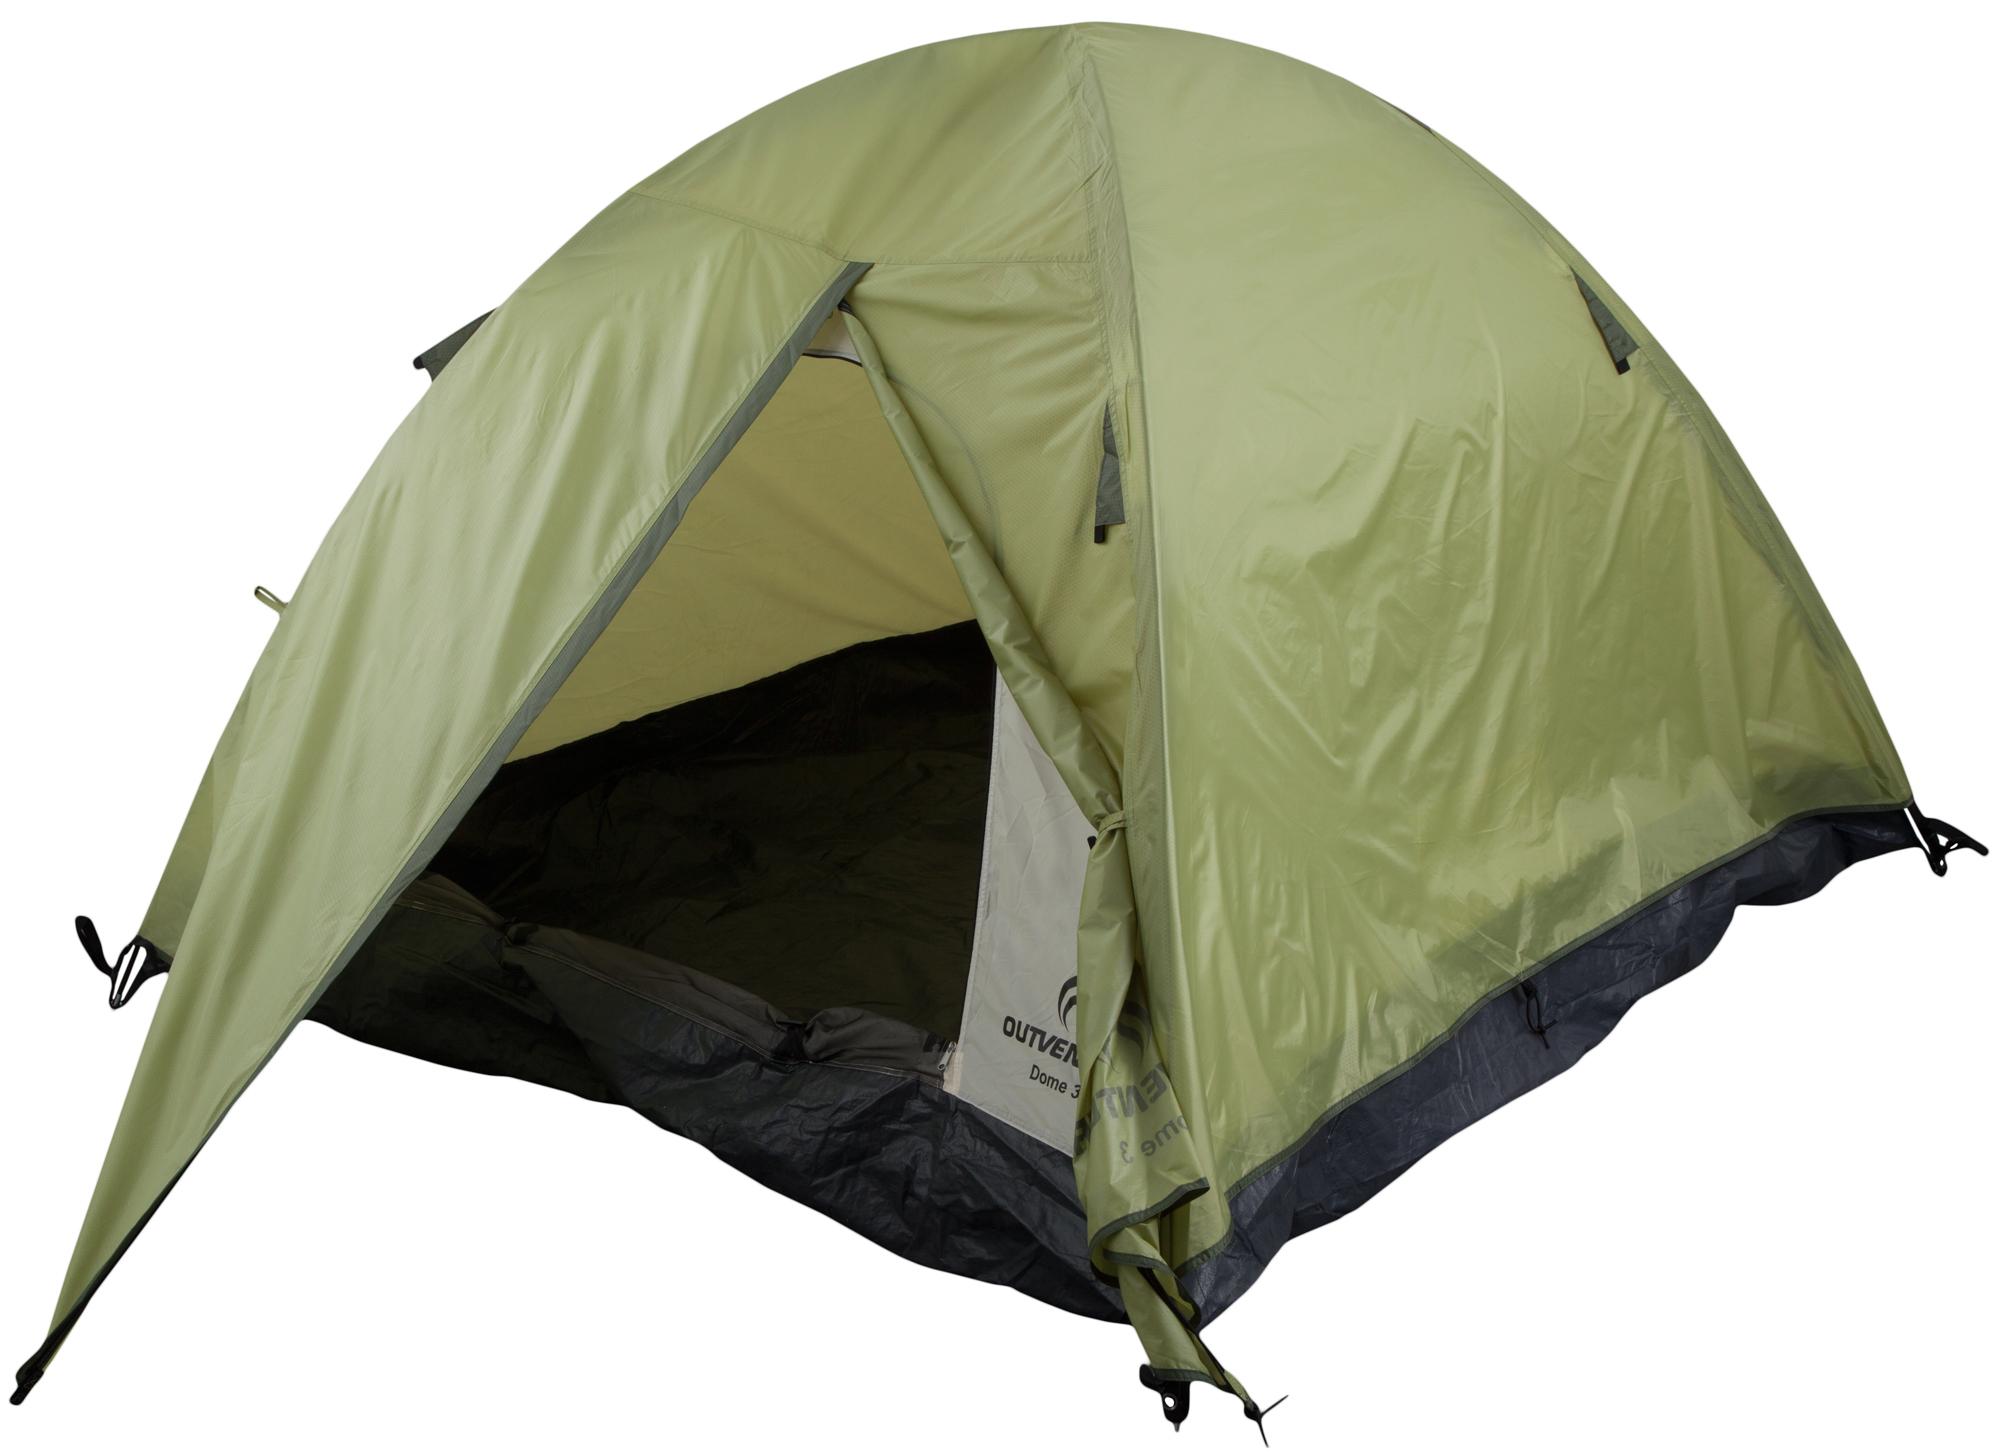 Outventure Палатка 3-местная Outventure Dome 3 палатка normal виктория 3